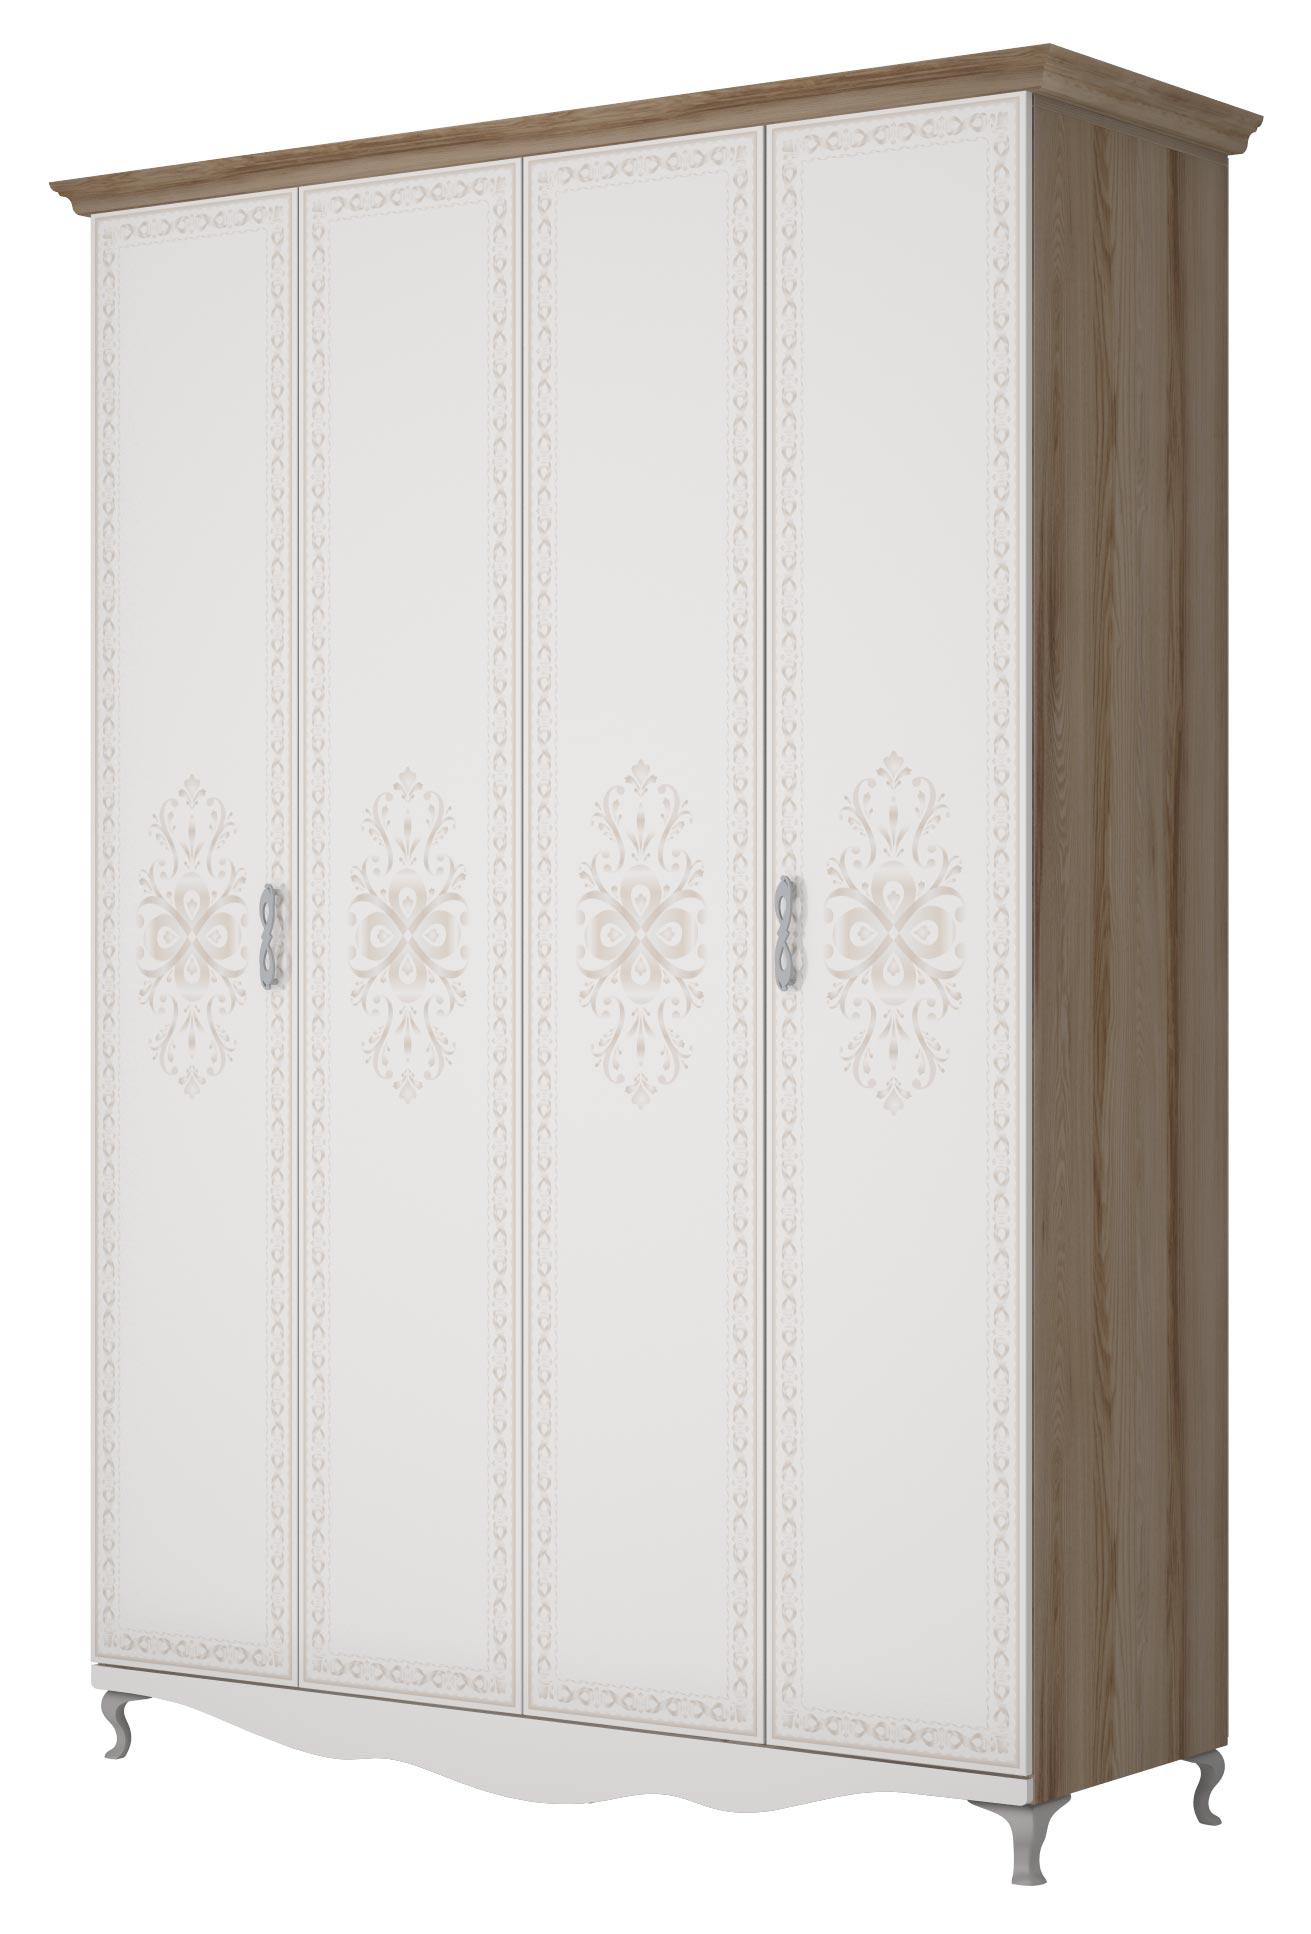 Шкаф 4х дверный Ижмебель Династия, мод. 1